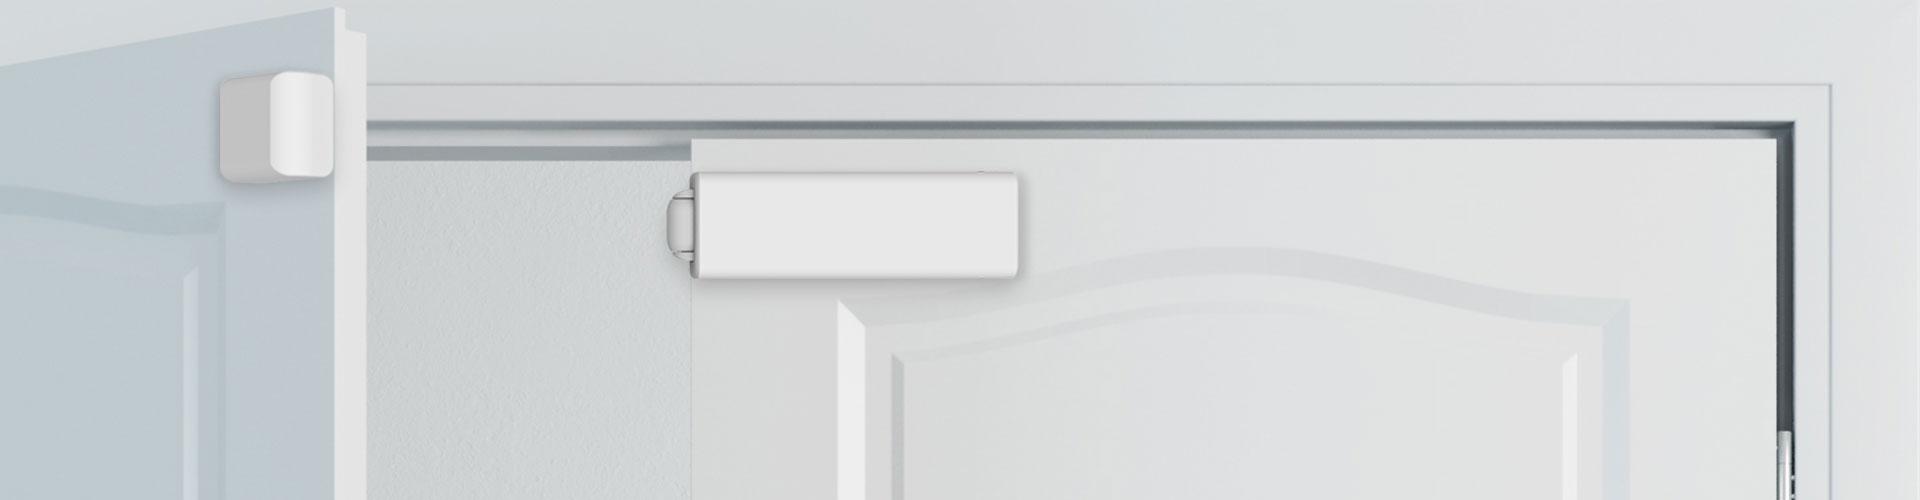 D1 Self-powered door and window sensor